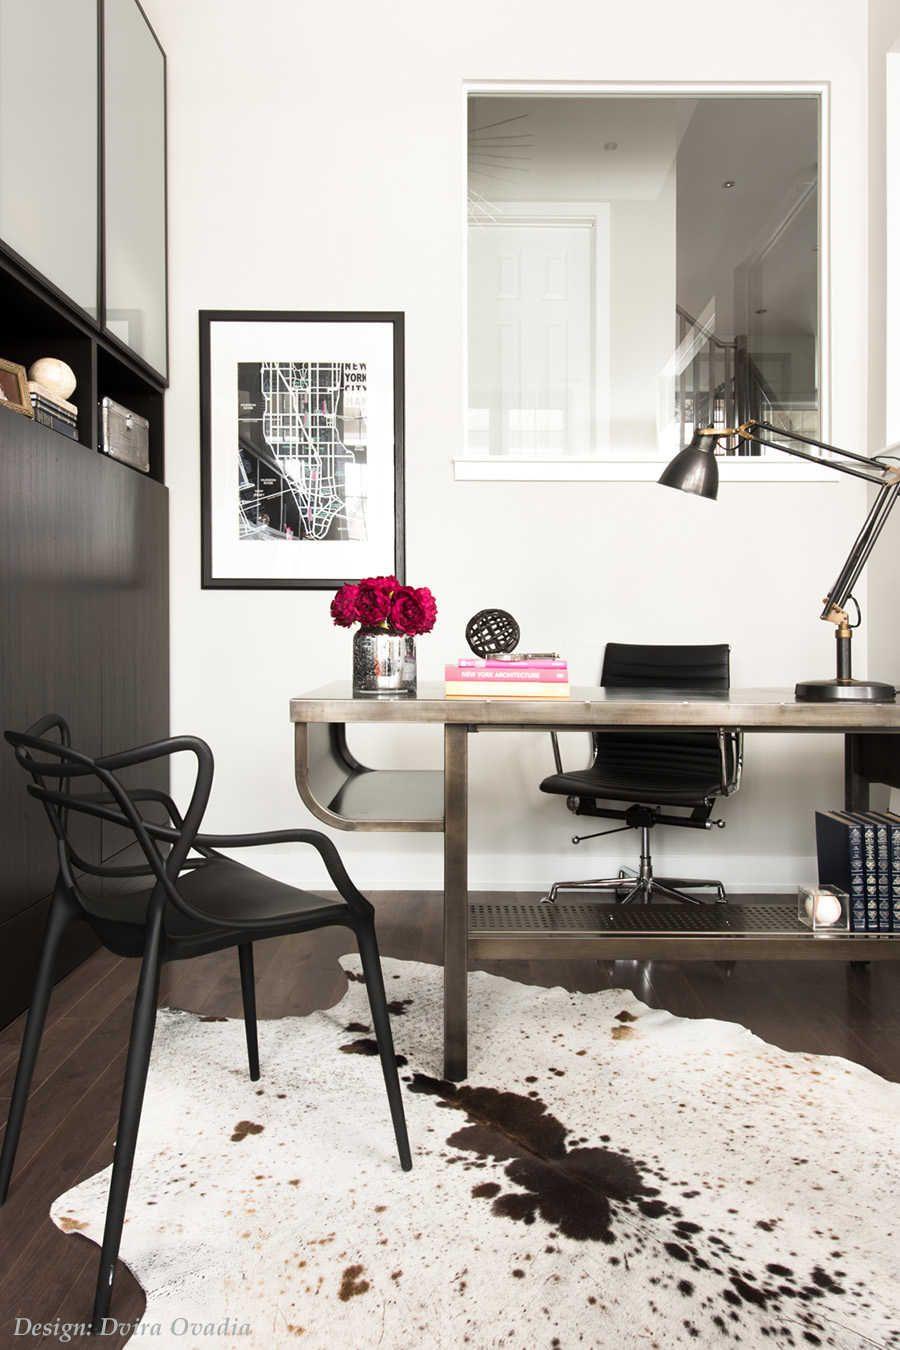 Interior Designer Dvira Ovadia Shares 6 Secrets To Creating A Home Office  Space That Inspires U003e